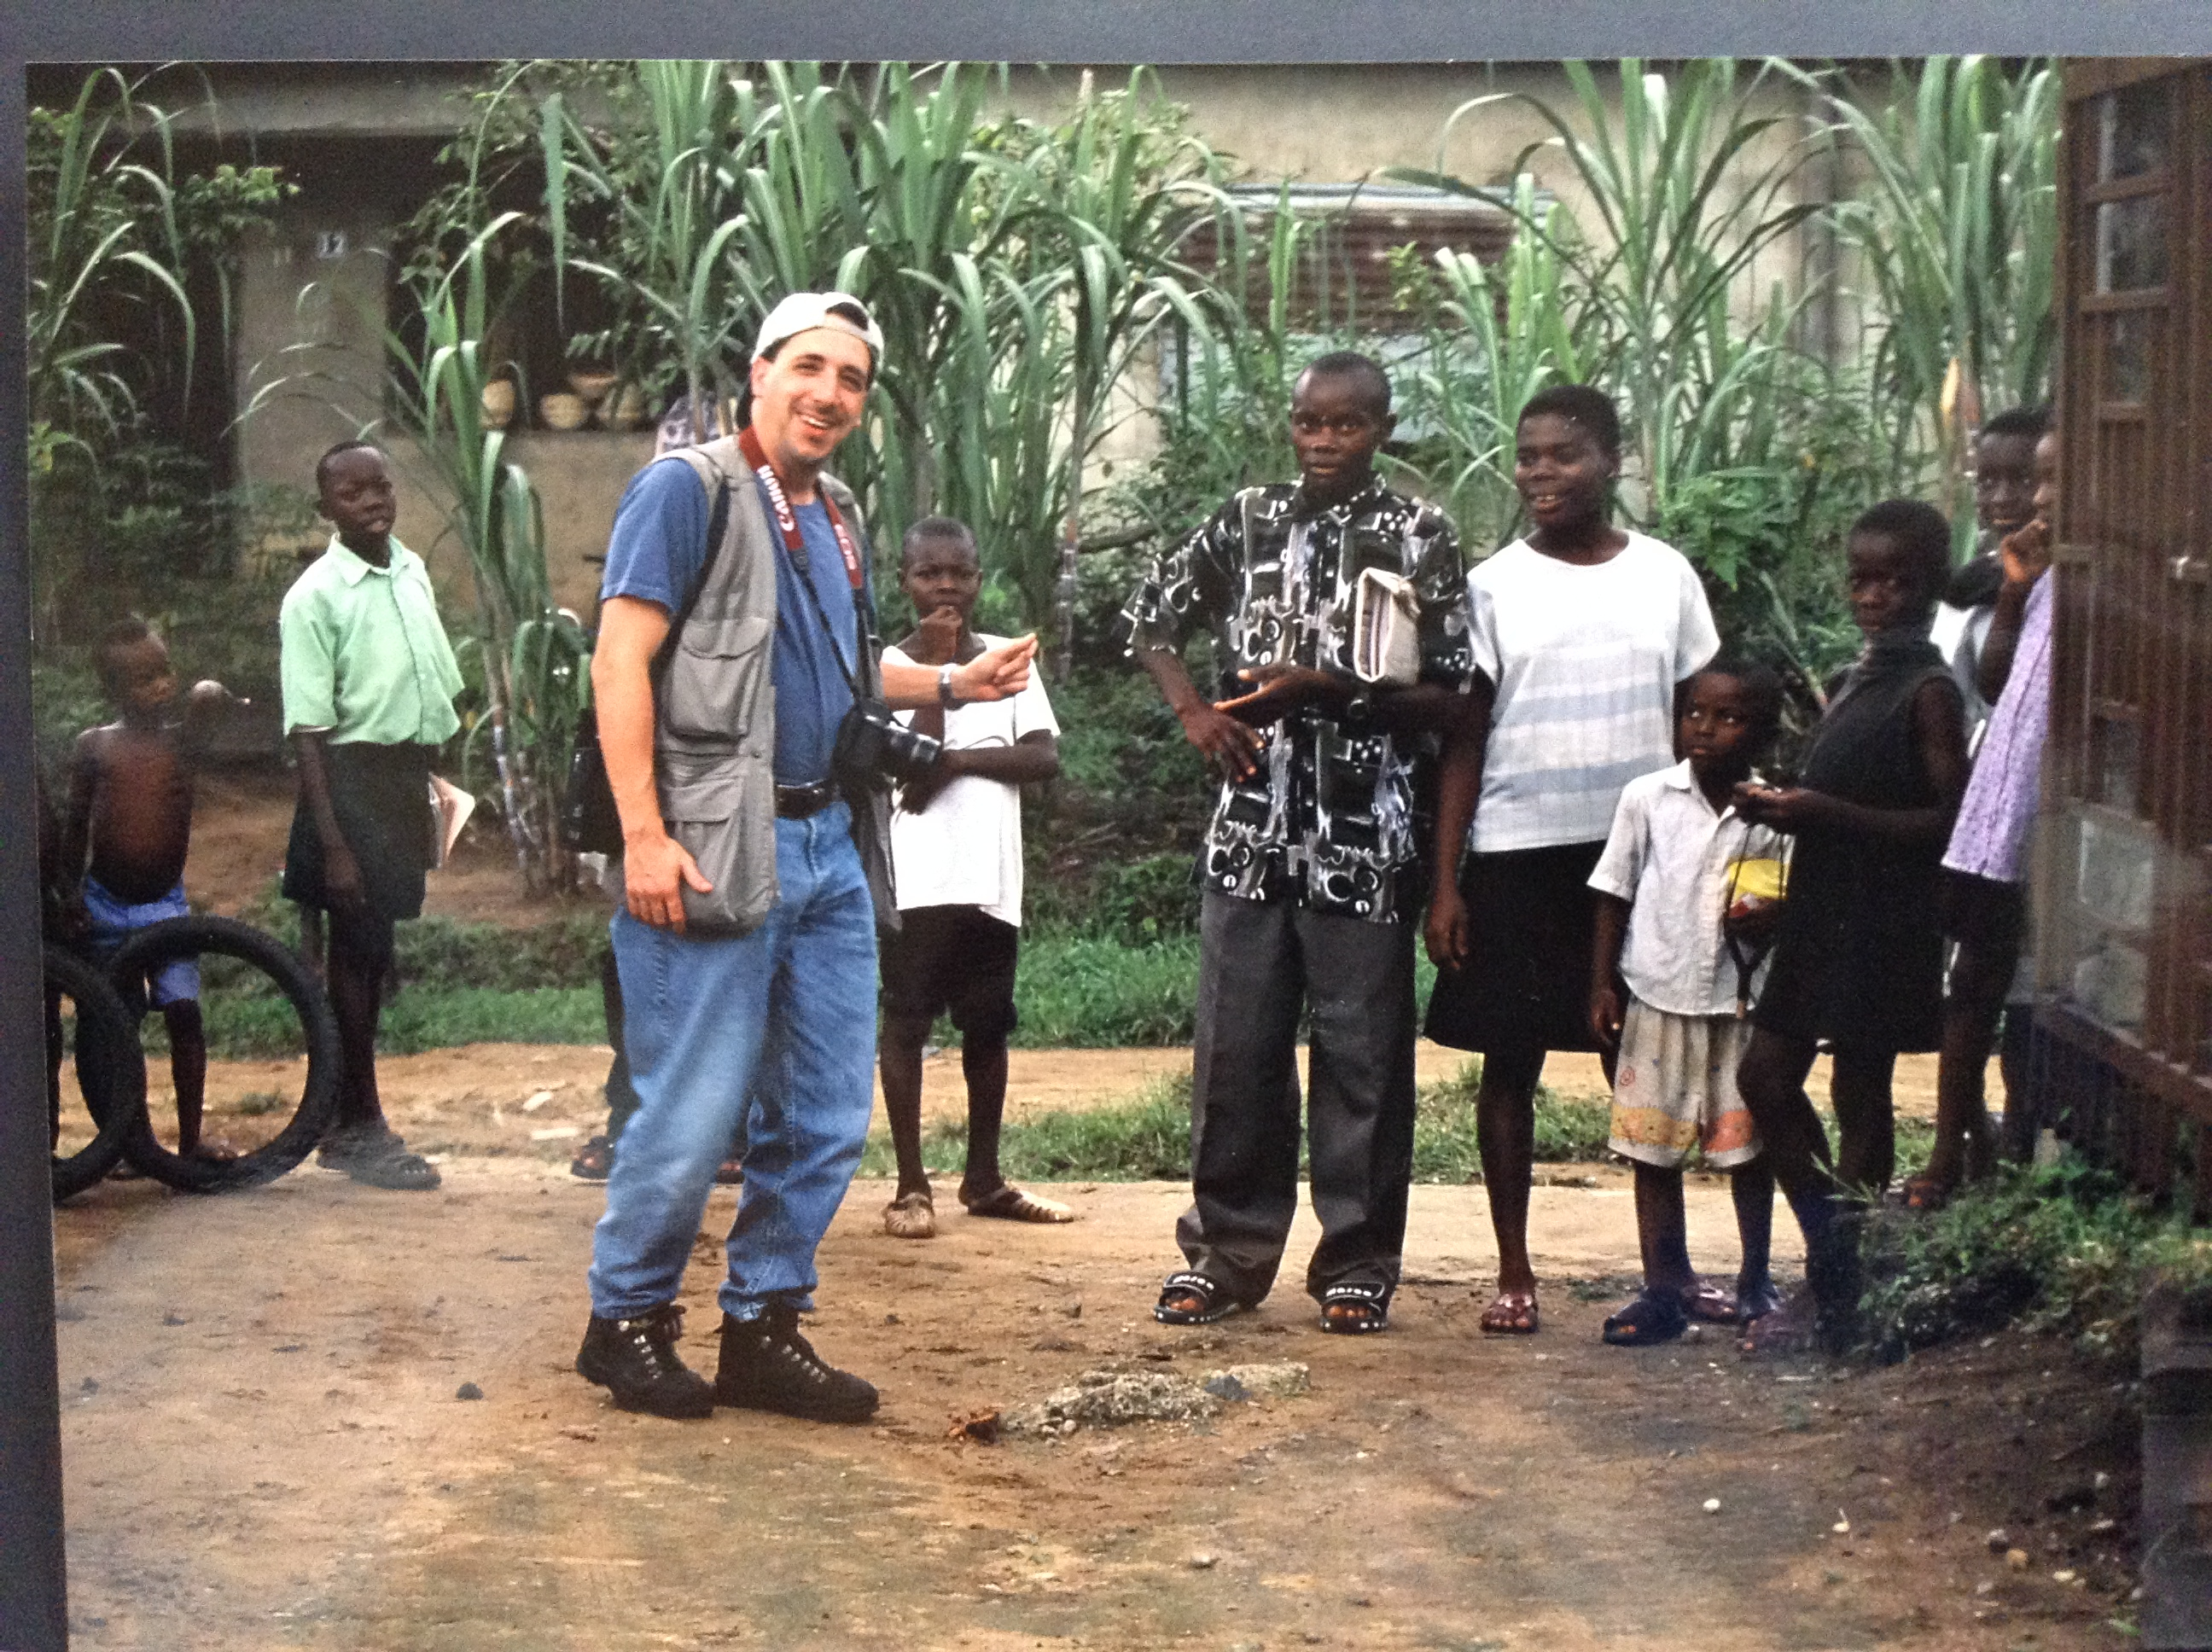 AFRICA-ME IN THE JUNGLE NIGERIA